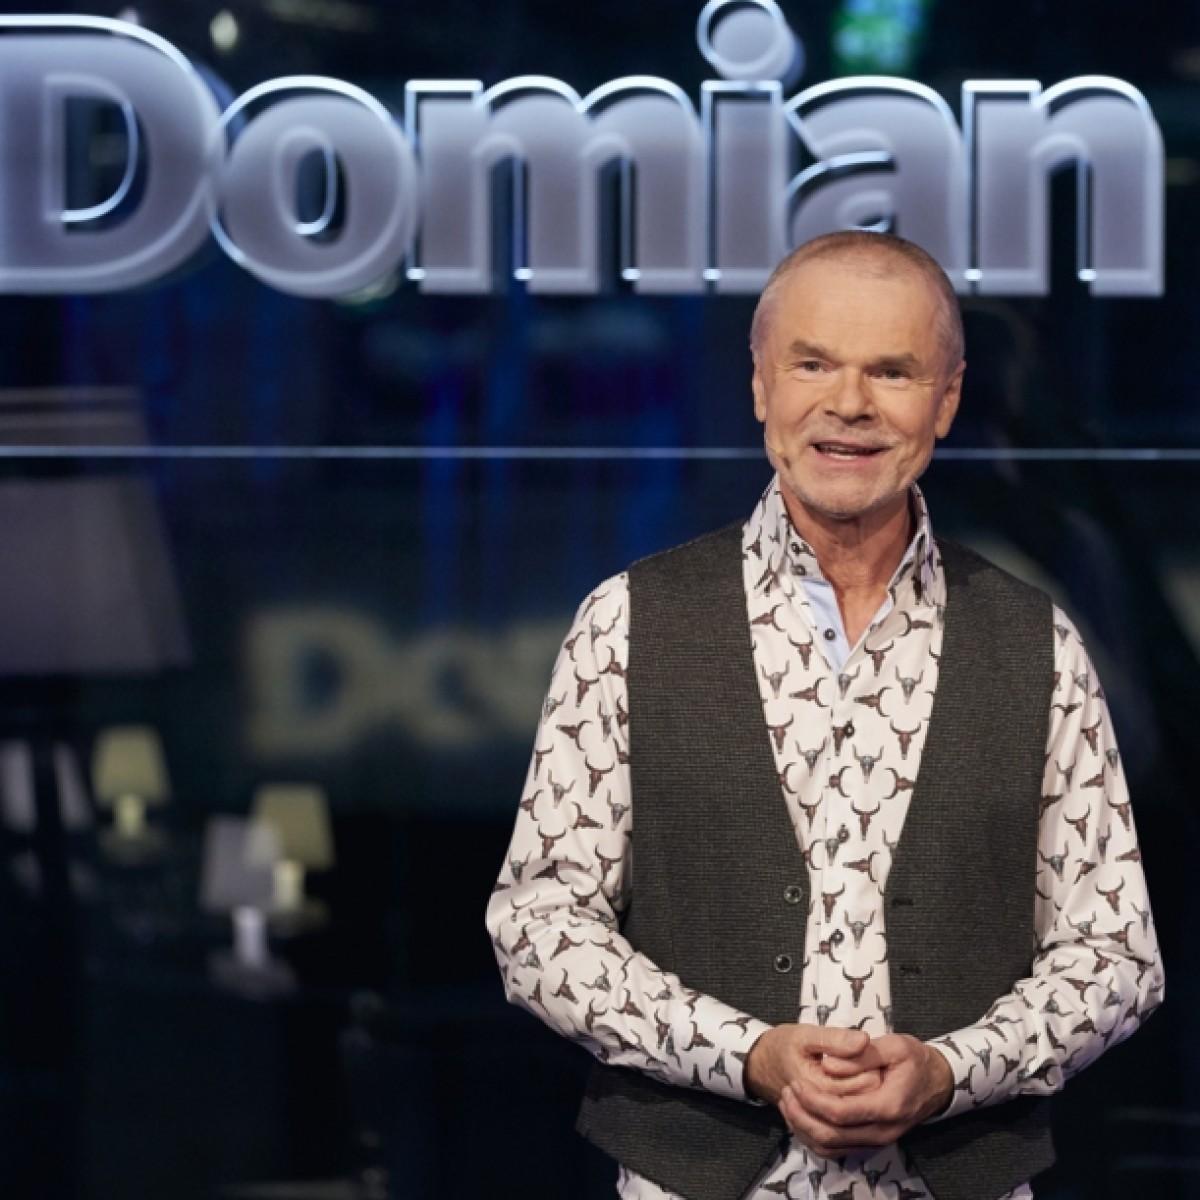 """[UPDATE] WDR setzt """"Domian live"""" im kommenden Jahr fort – Live-Talkshow aus der WDR-Kantine in Köln hat sich bewährt – Bild: WDR/Ben Knabe"""